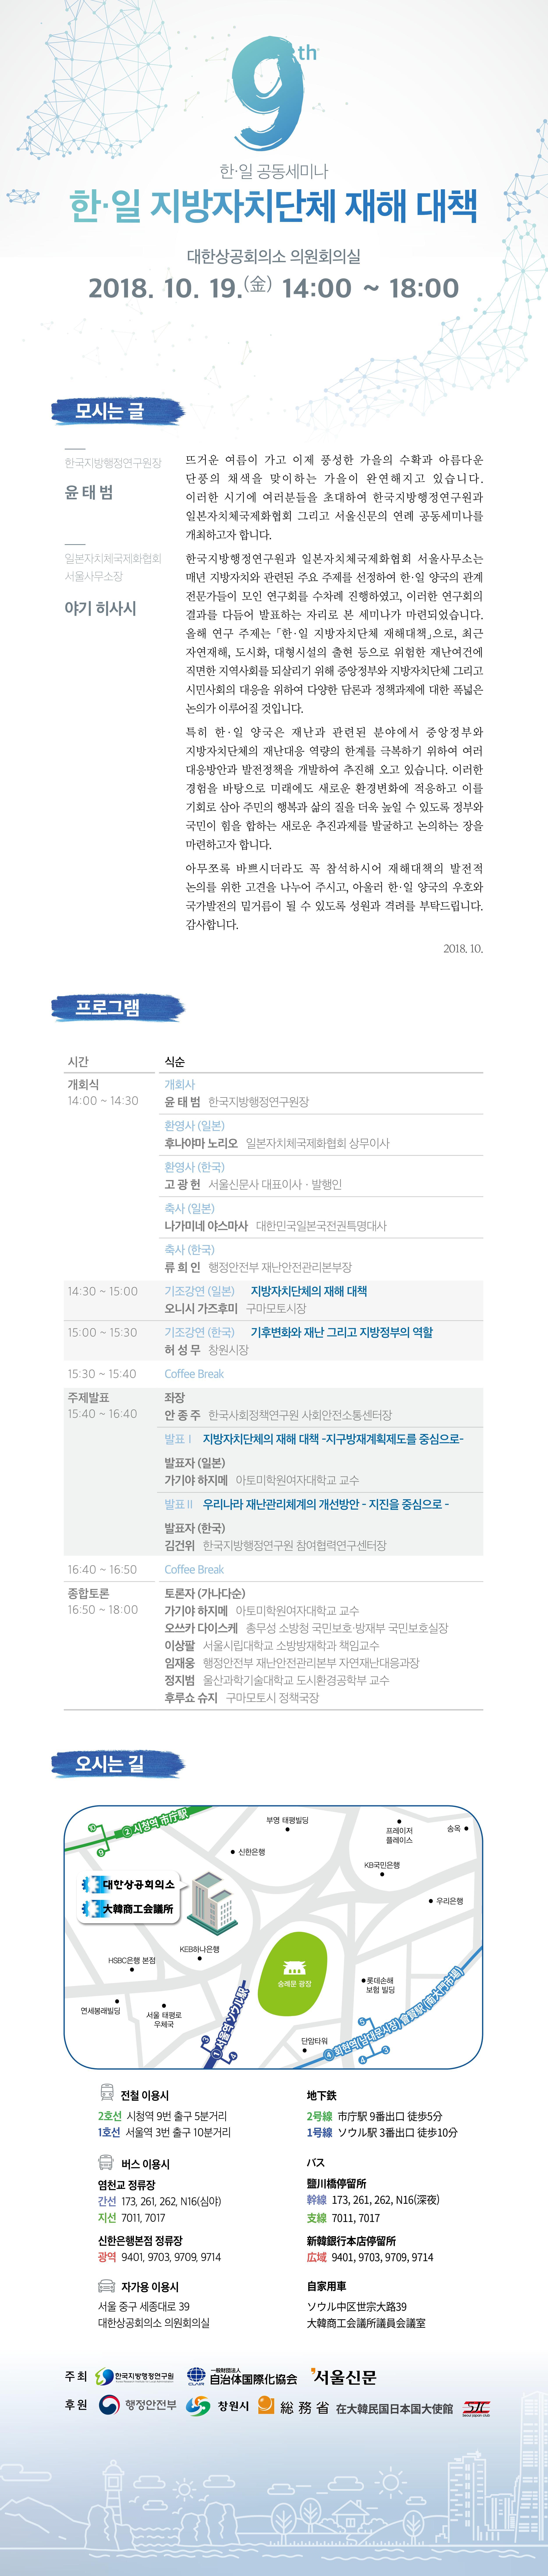 20181005_웹용 초대장_한글(1).jpg